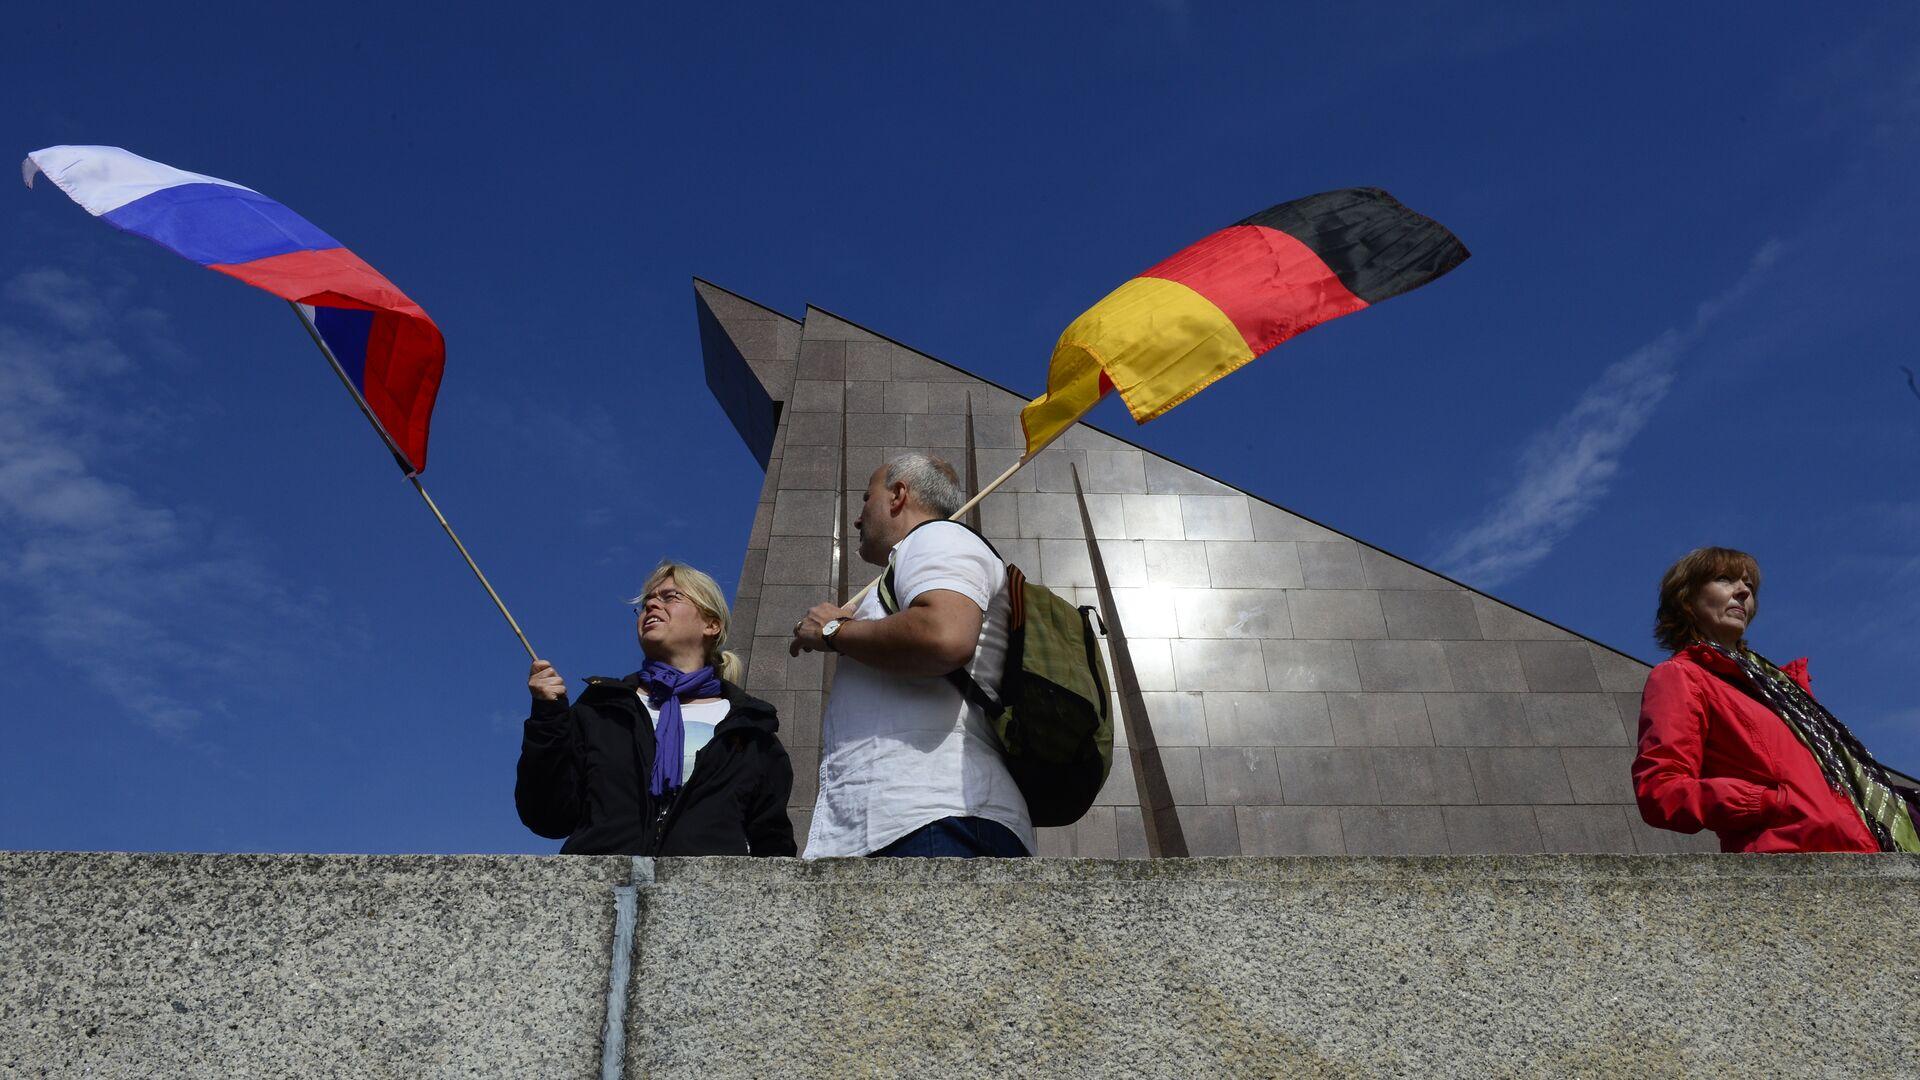 Los ciudadanos sosteniendo las banderas de Rusia y Alemania en Berlín  - Sputnik Mundo, 1920, 17.04.2021